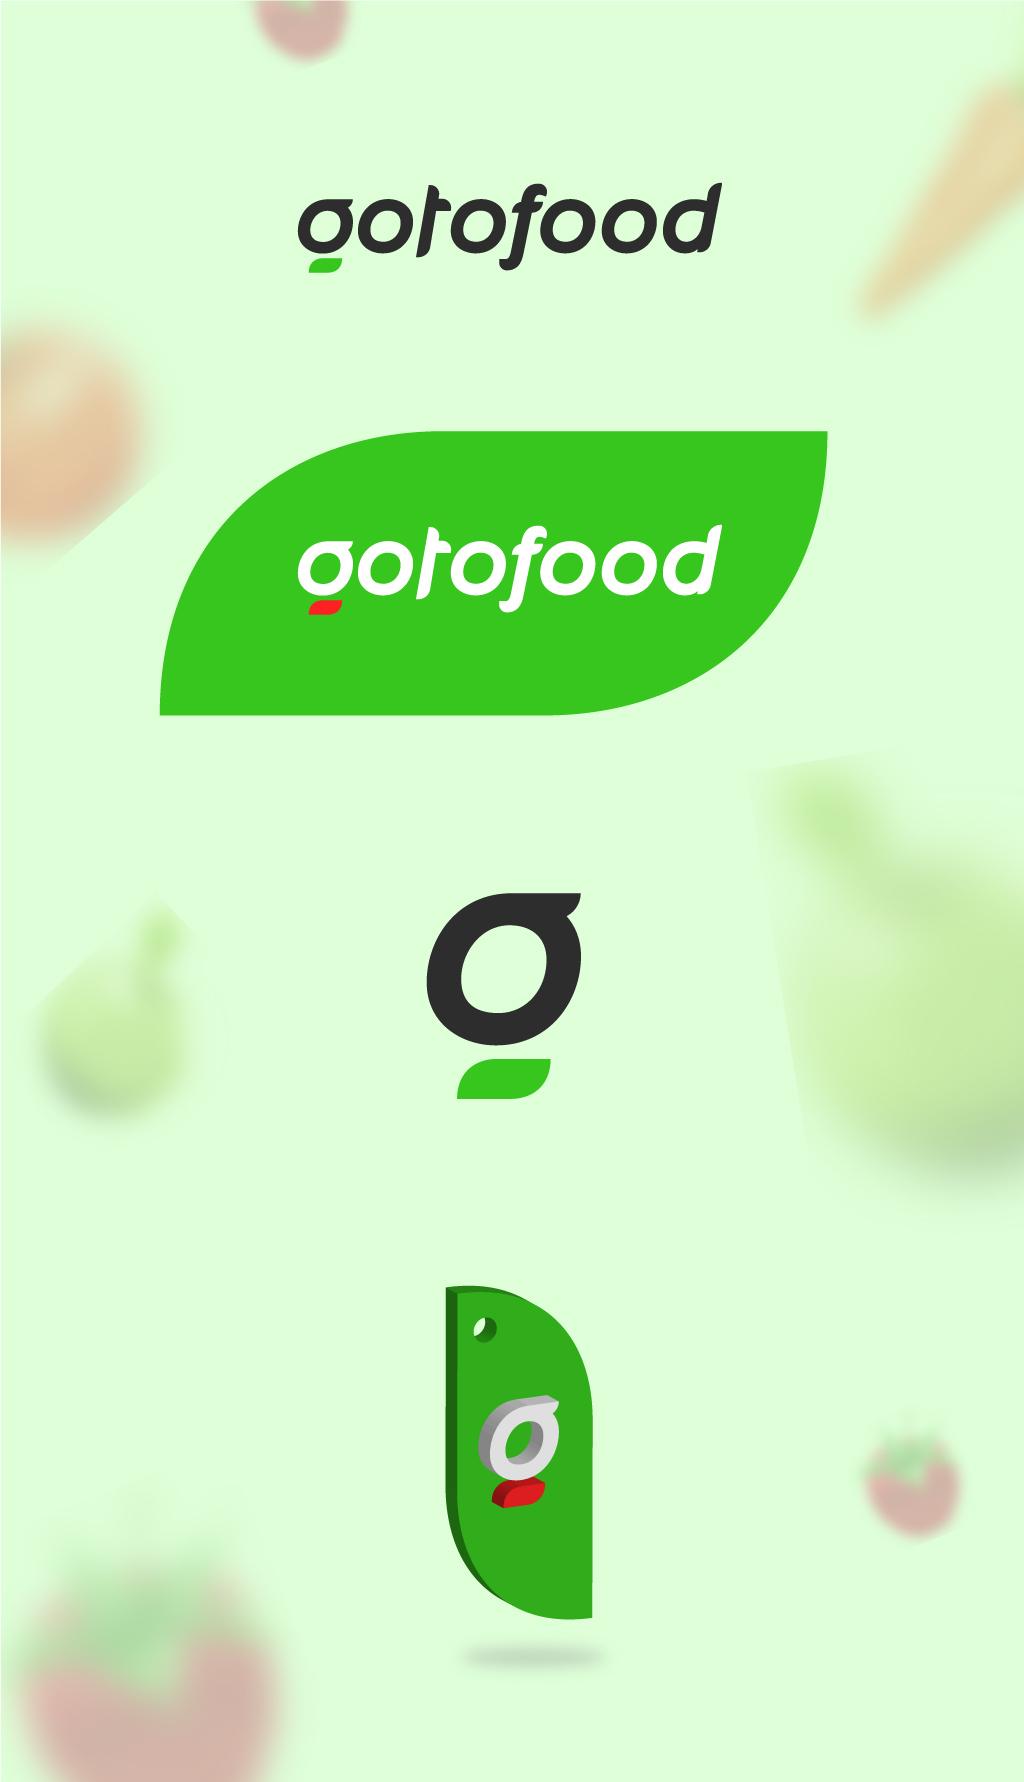 Логотип интернет-магазина здоровой еды фото f_8715cd8331008c75.jpg